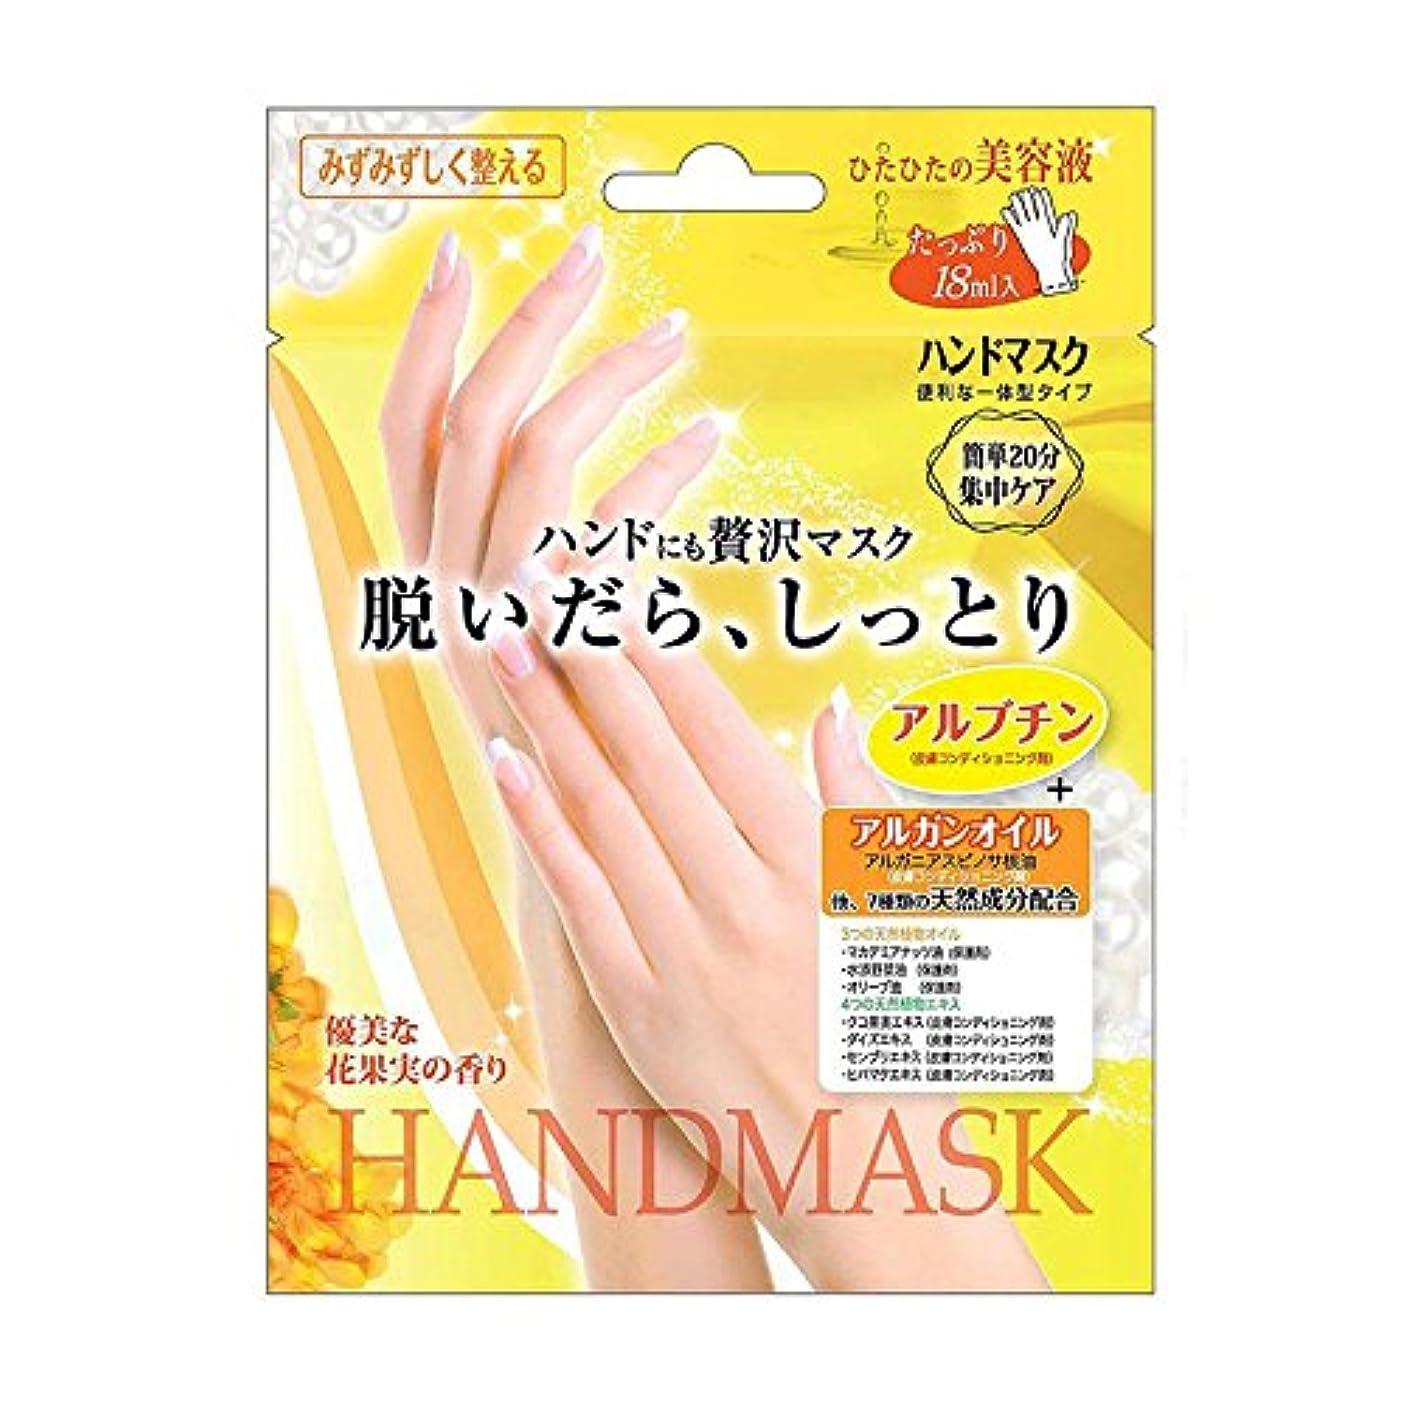 副世界説得ビューティーワールド ハンドにも贅沢マスク 脱いだら、しっとりハンドマスク 6個セット